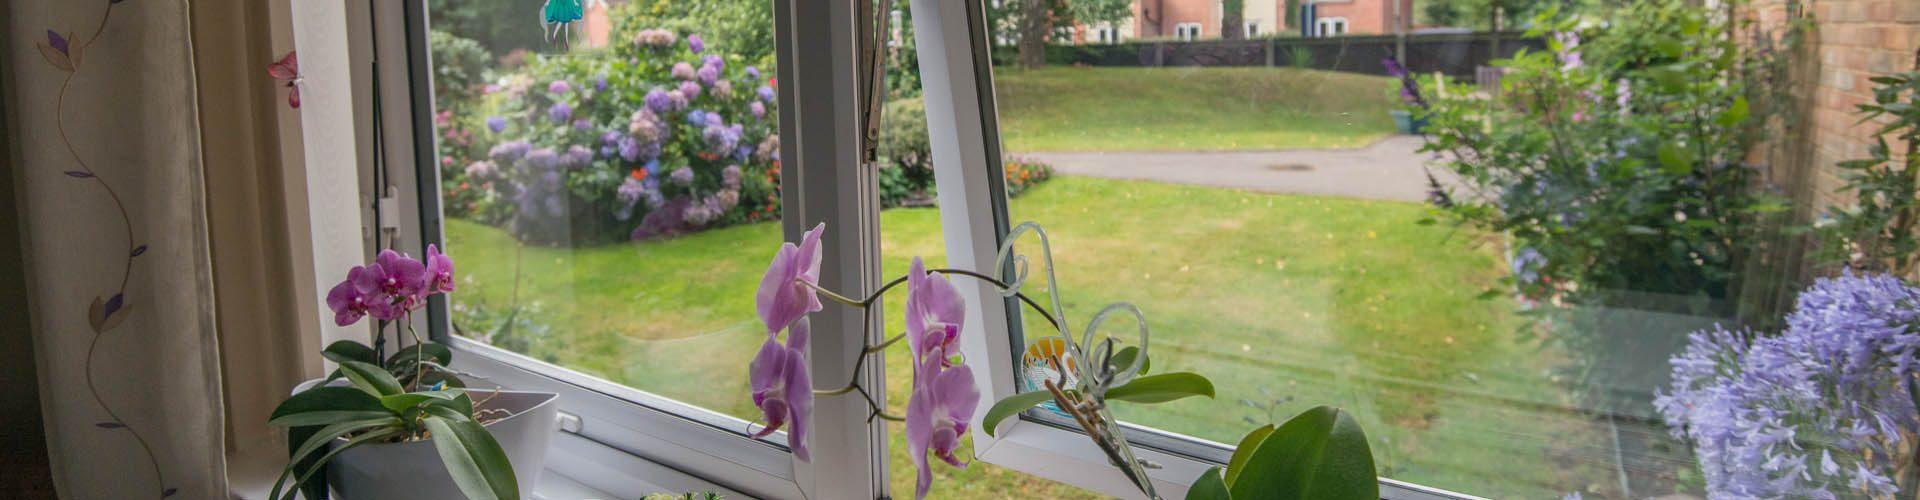 Garden view at Priest Croft